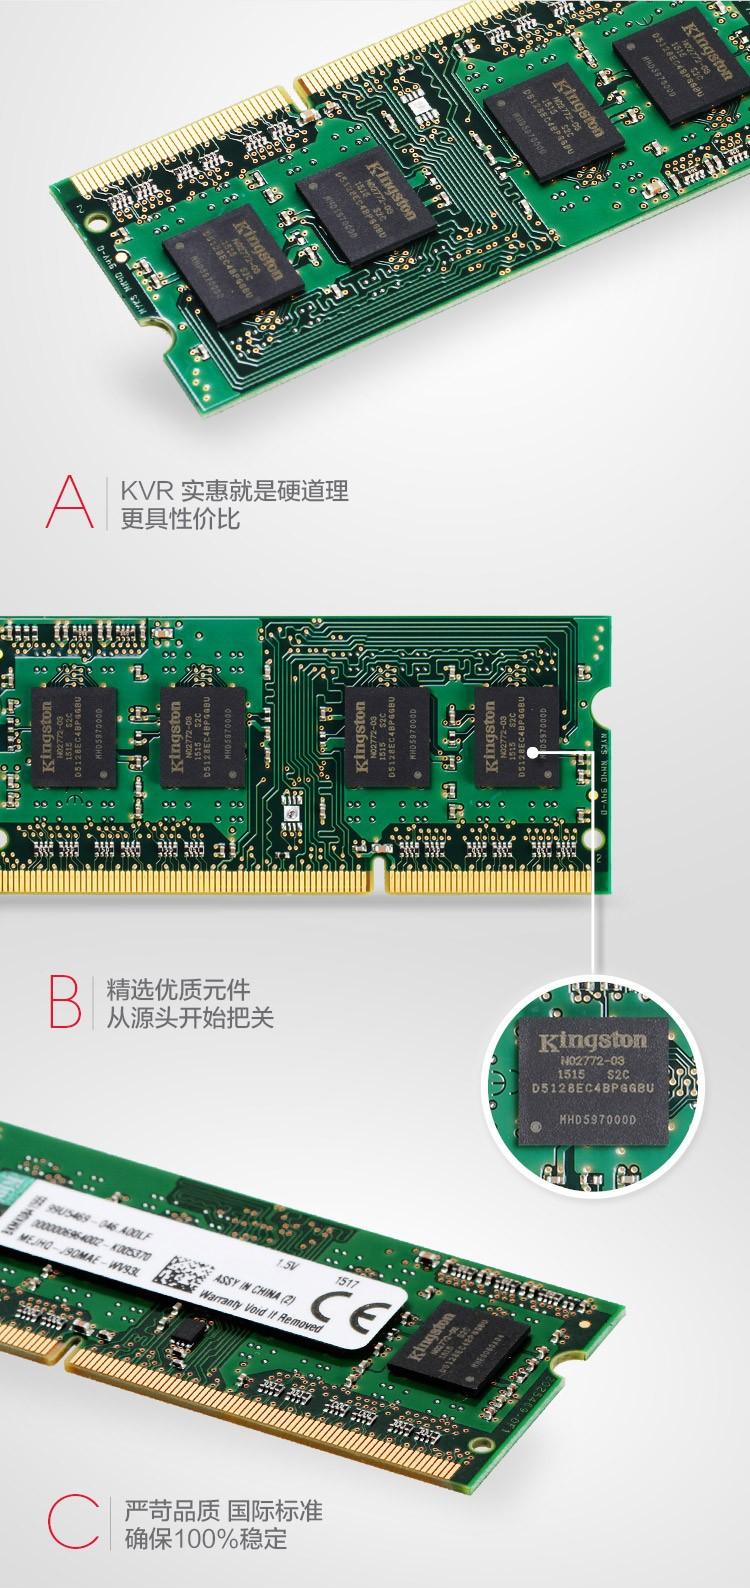 金士顿 DDR3 1600 4G 笔记本内存图片二